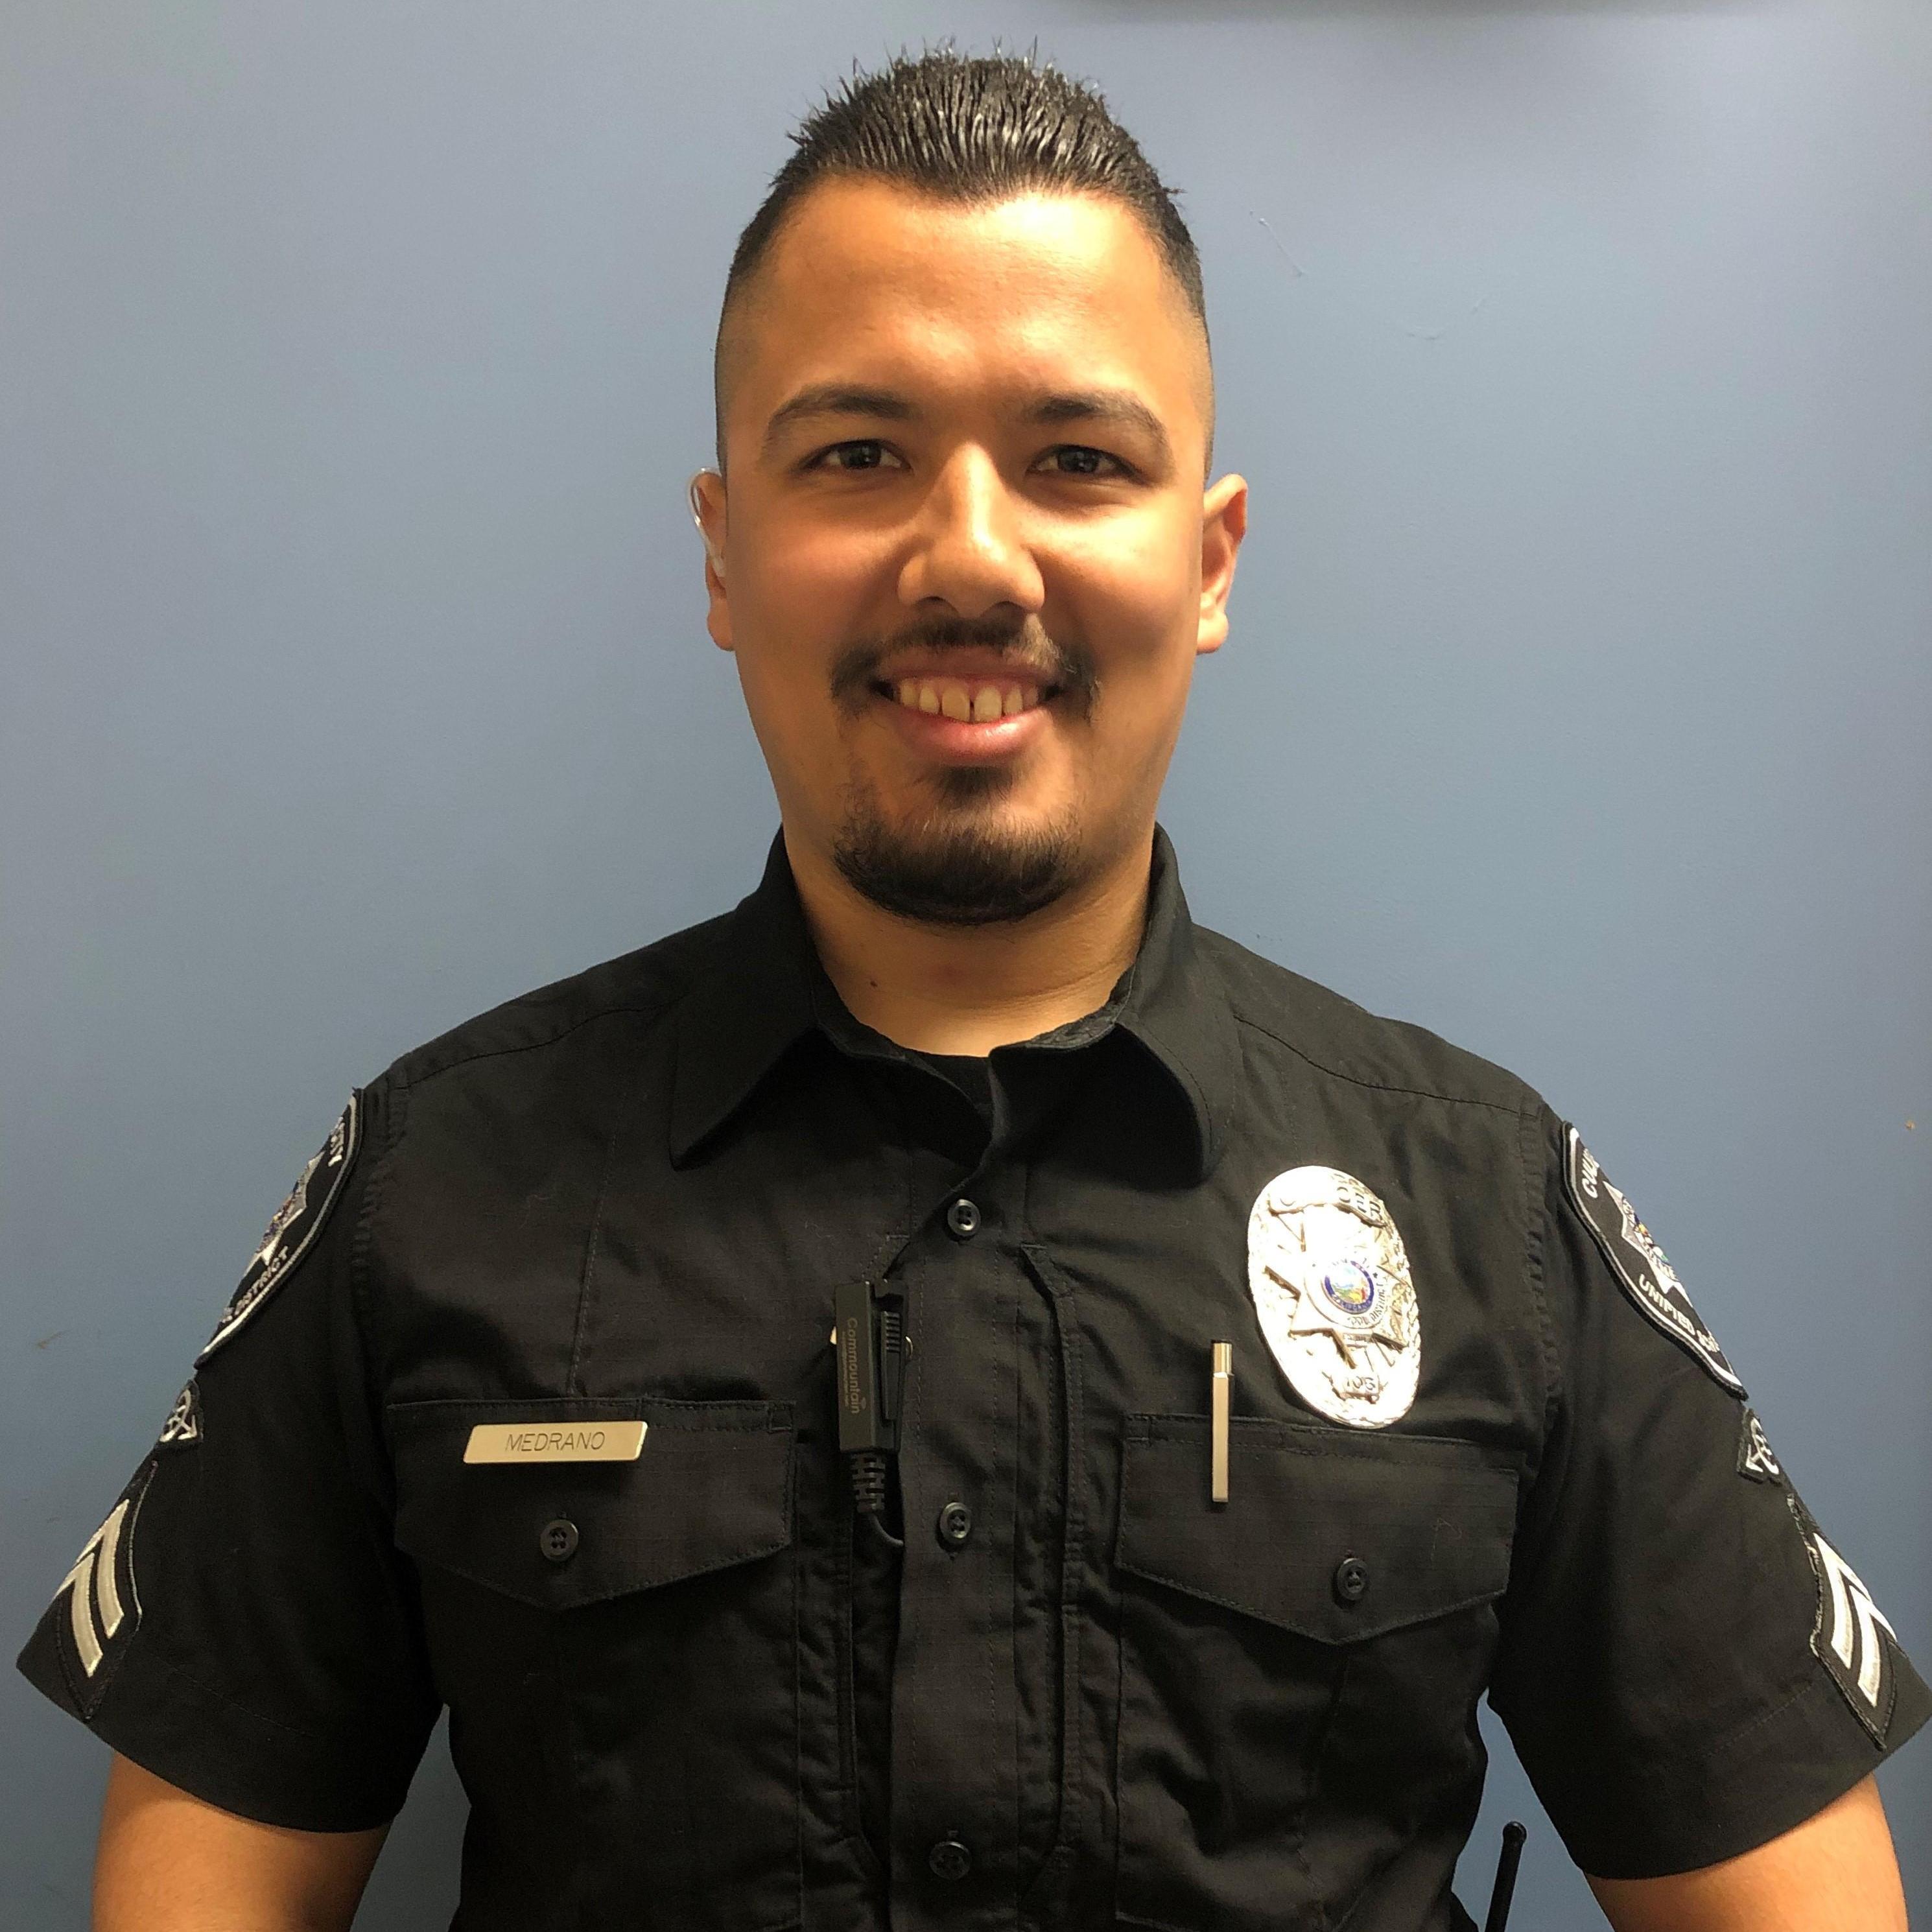 Sgt. Franko Medrano's Profile Photo